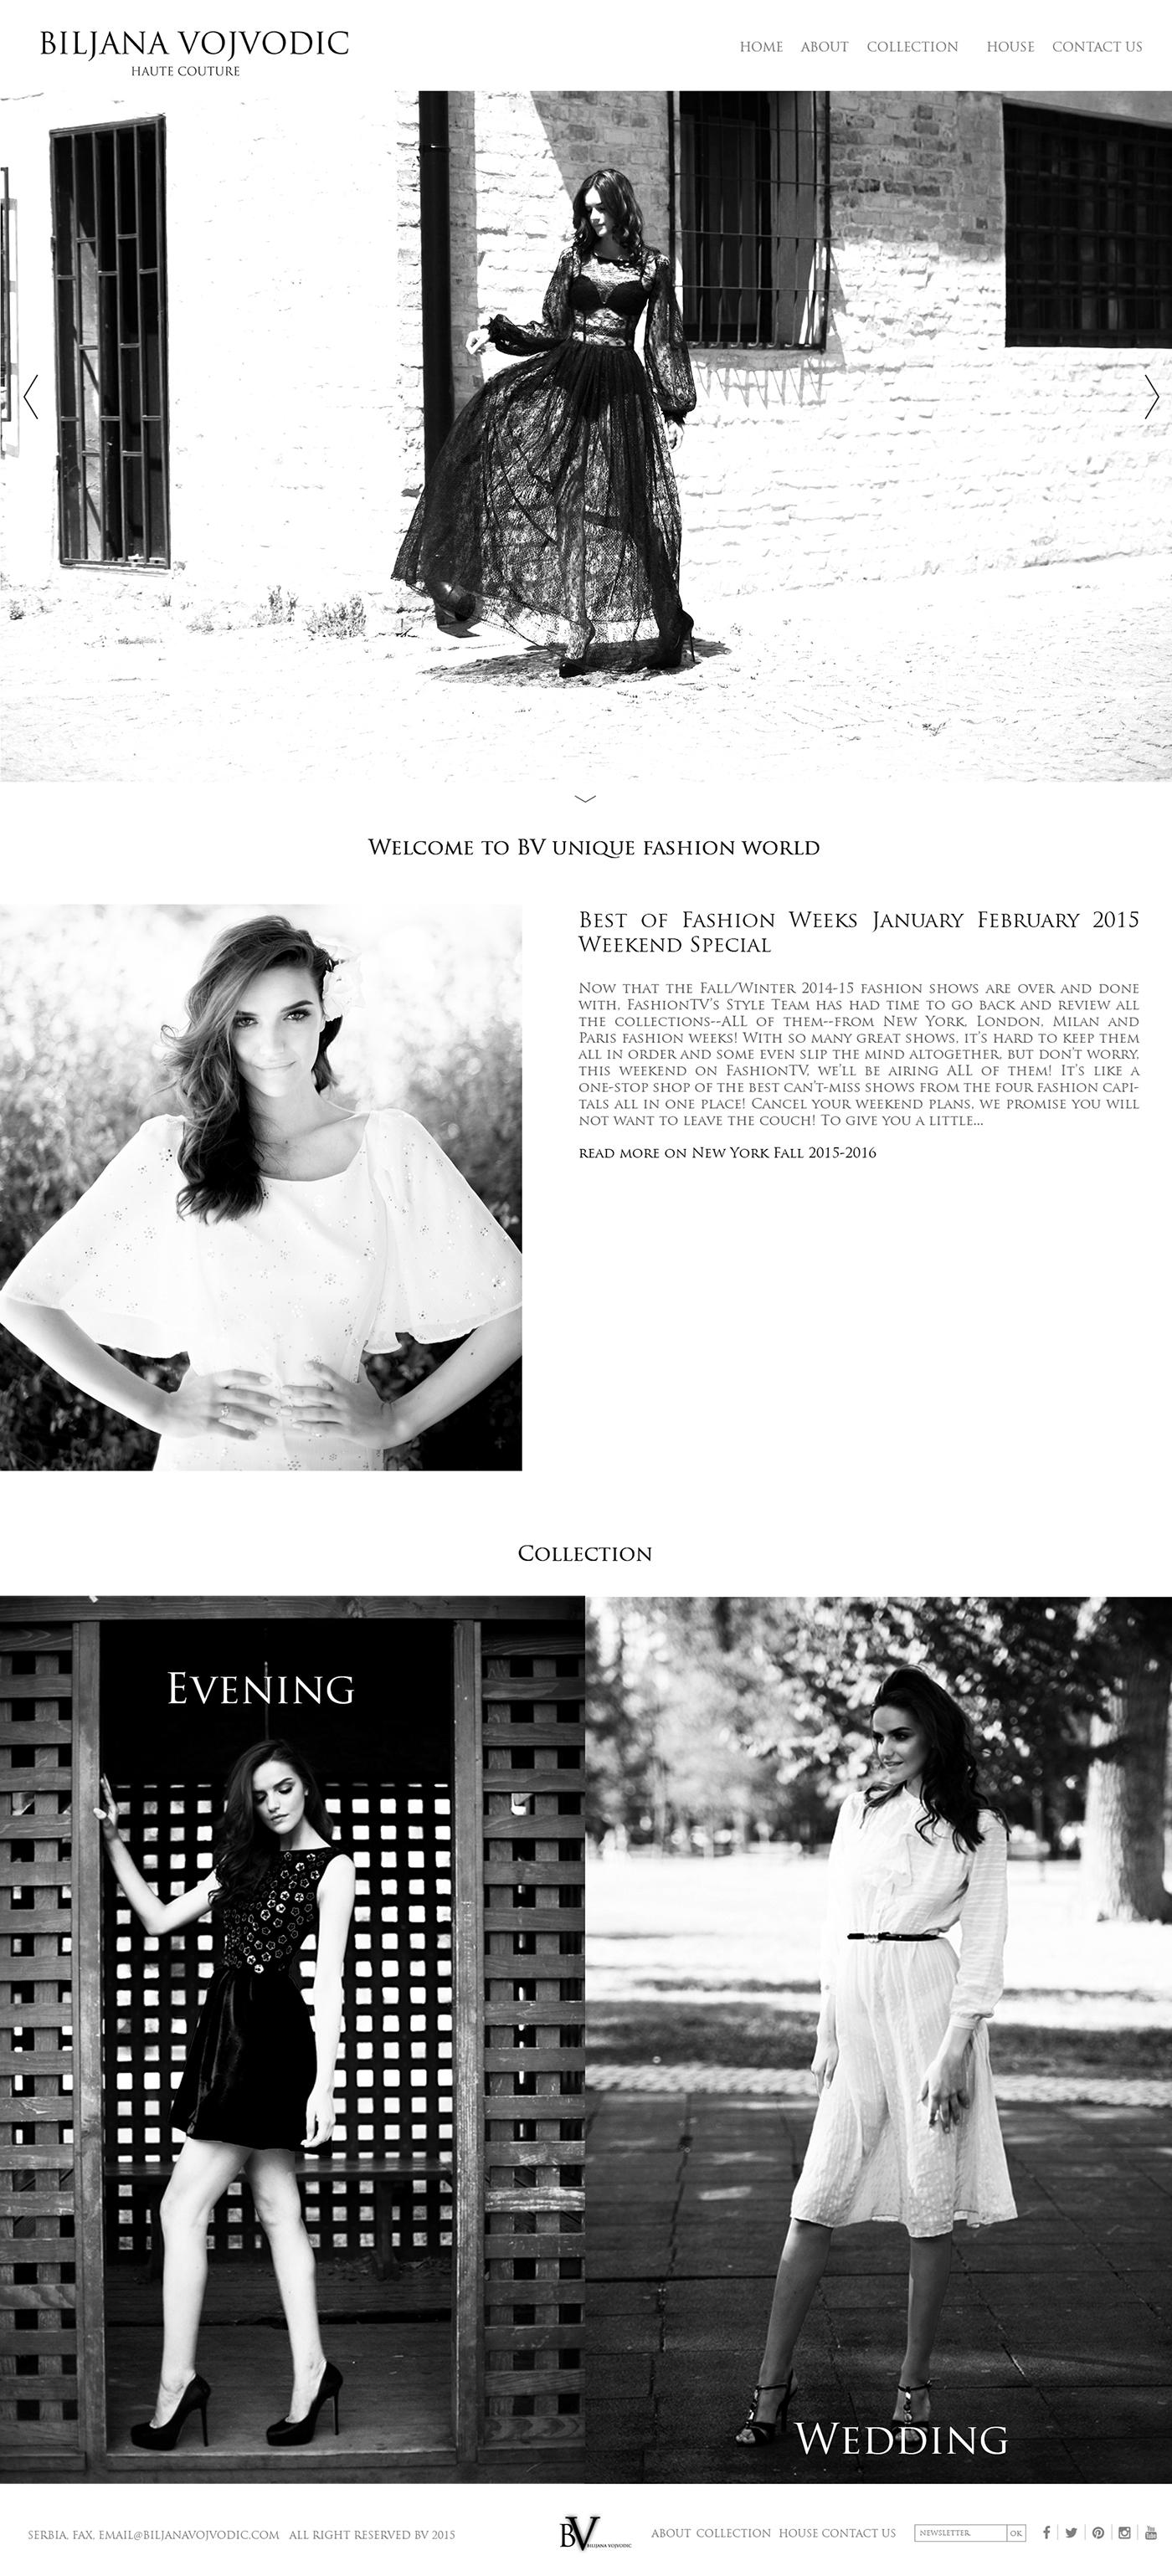 Biljana Vojvodic Haute couture Web design Fashion  sexy